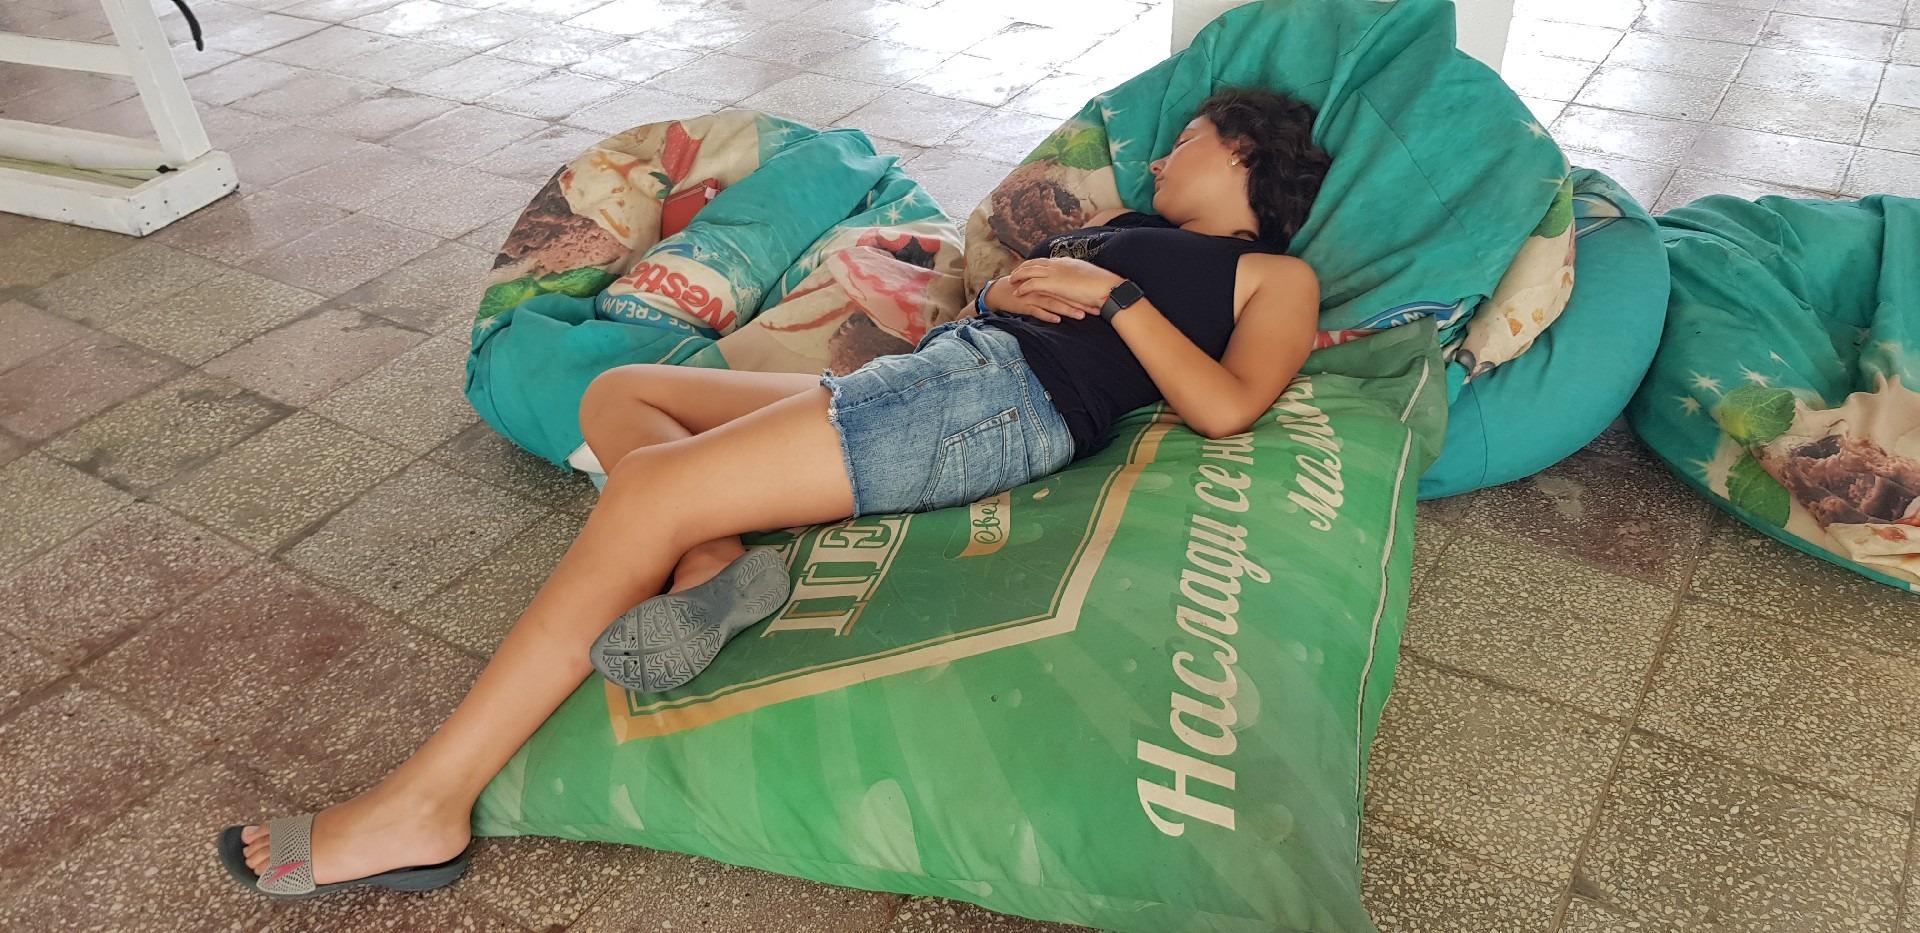 летен езиков лагер на море Z кемп, ден 33 - момиче спи върху барбарон